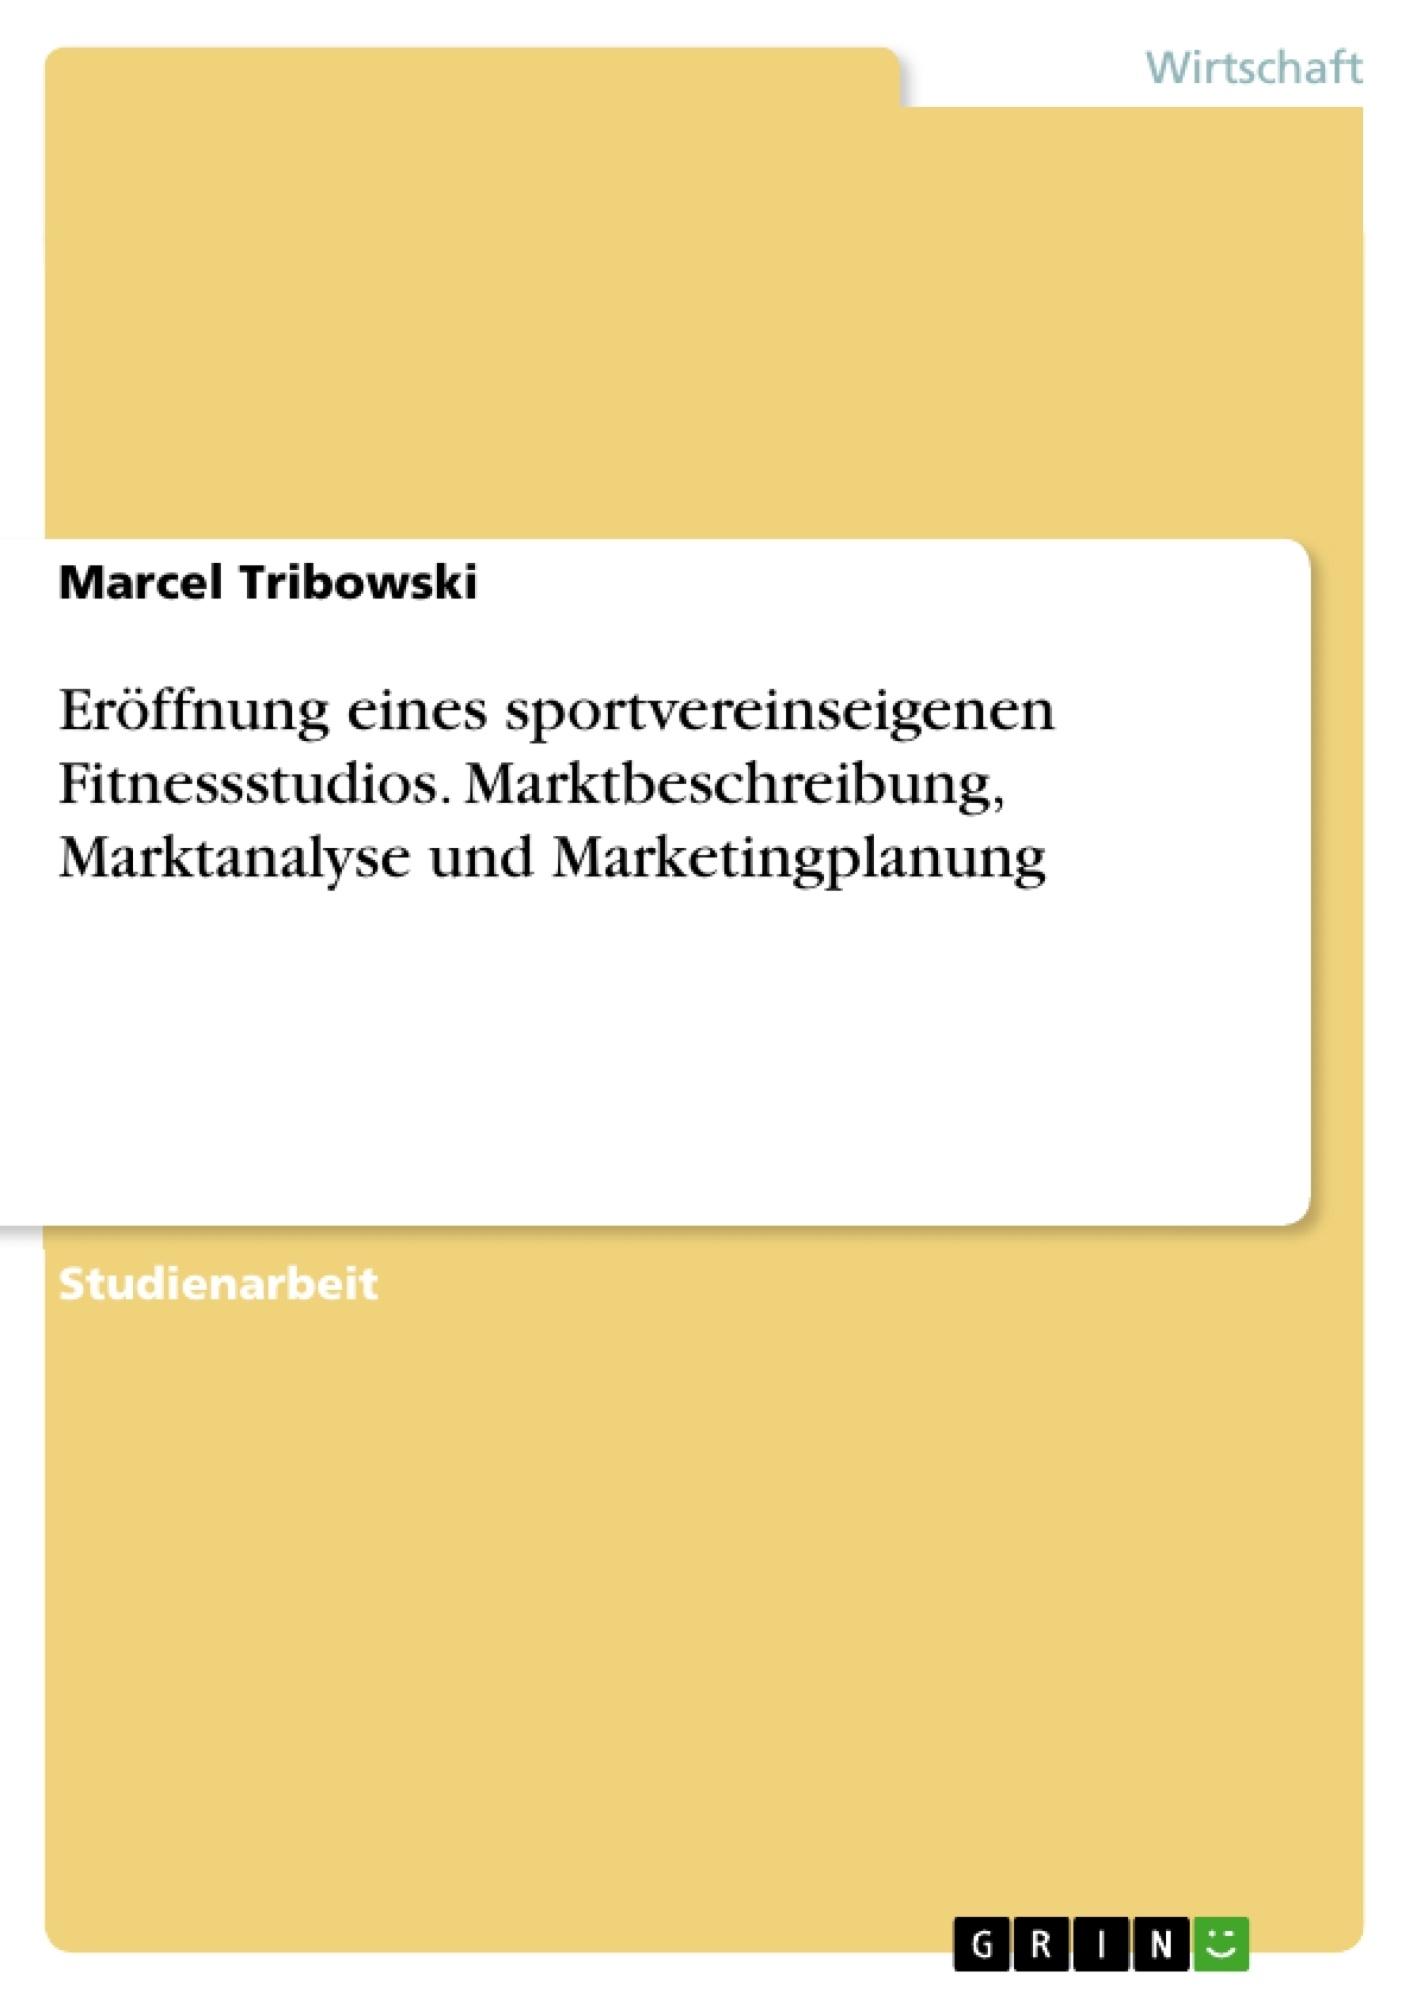 Titel: Eröffnung eines sportvereinseigenen Fitnessstudios. Marktbeschreibung, Marktanalyse und Marketingplanung